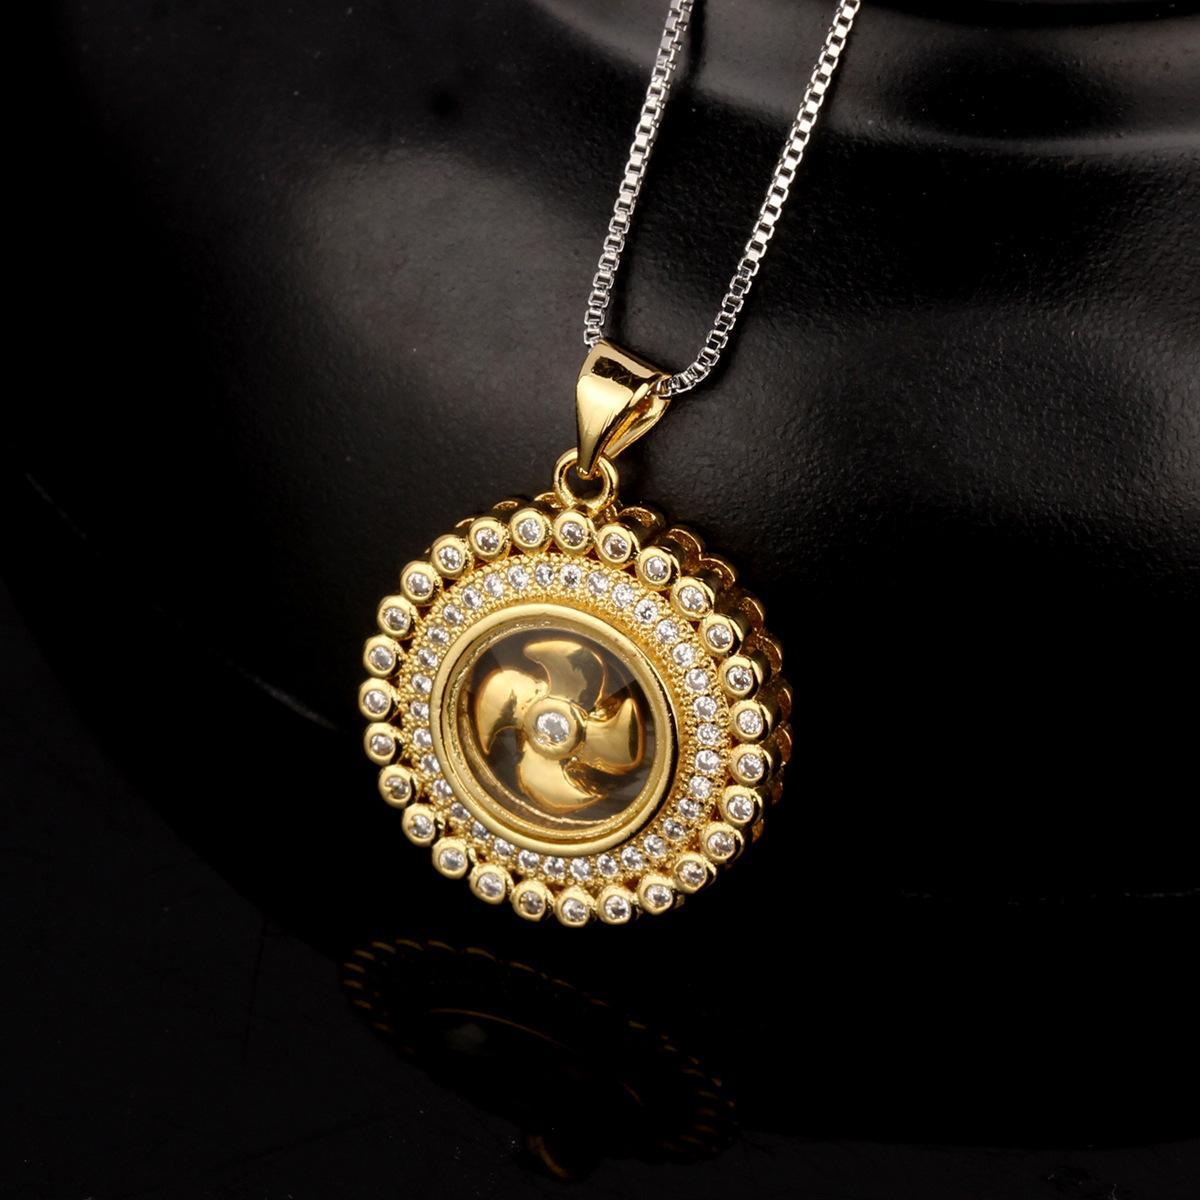 K Gold Pendants for Women for sale - Womens K Gold Pendants online ... 9bfa28e7b04